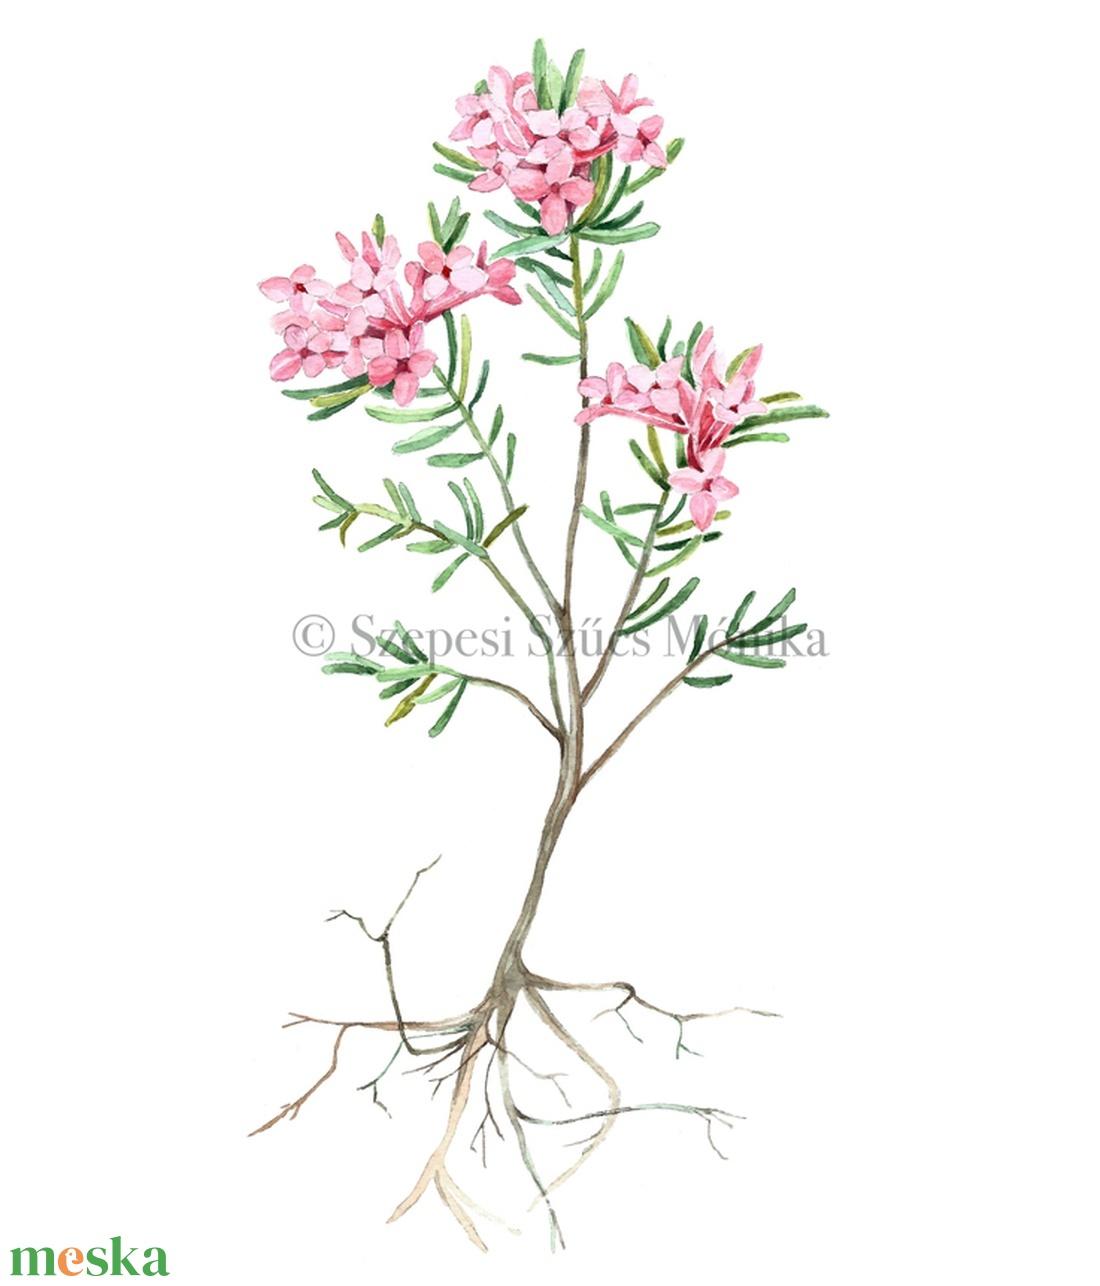 Boroszlán - Print (Akvarell) (BotanikAkvarell) - Meska.hu